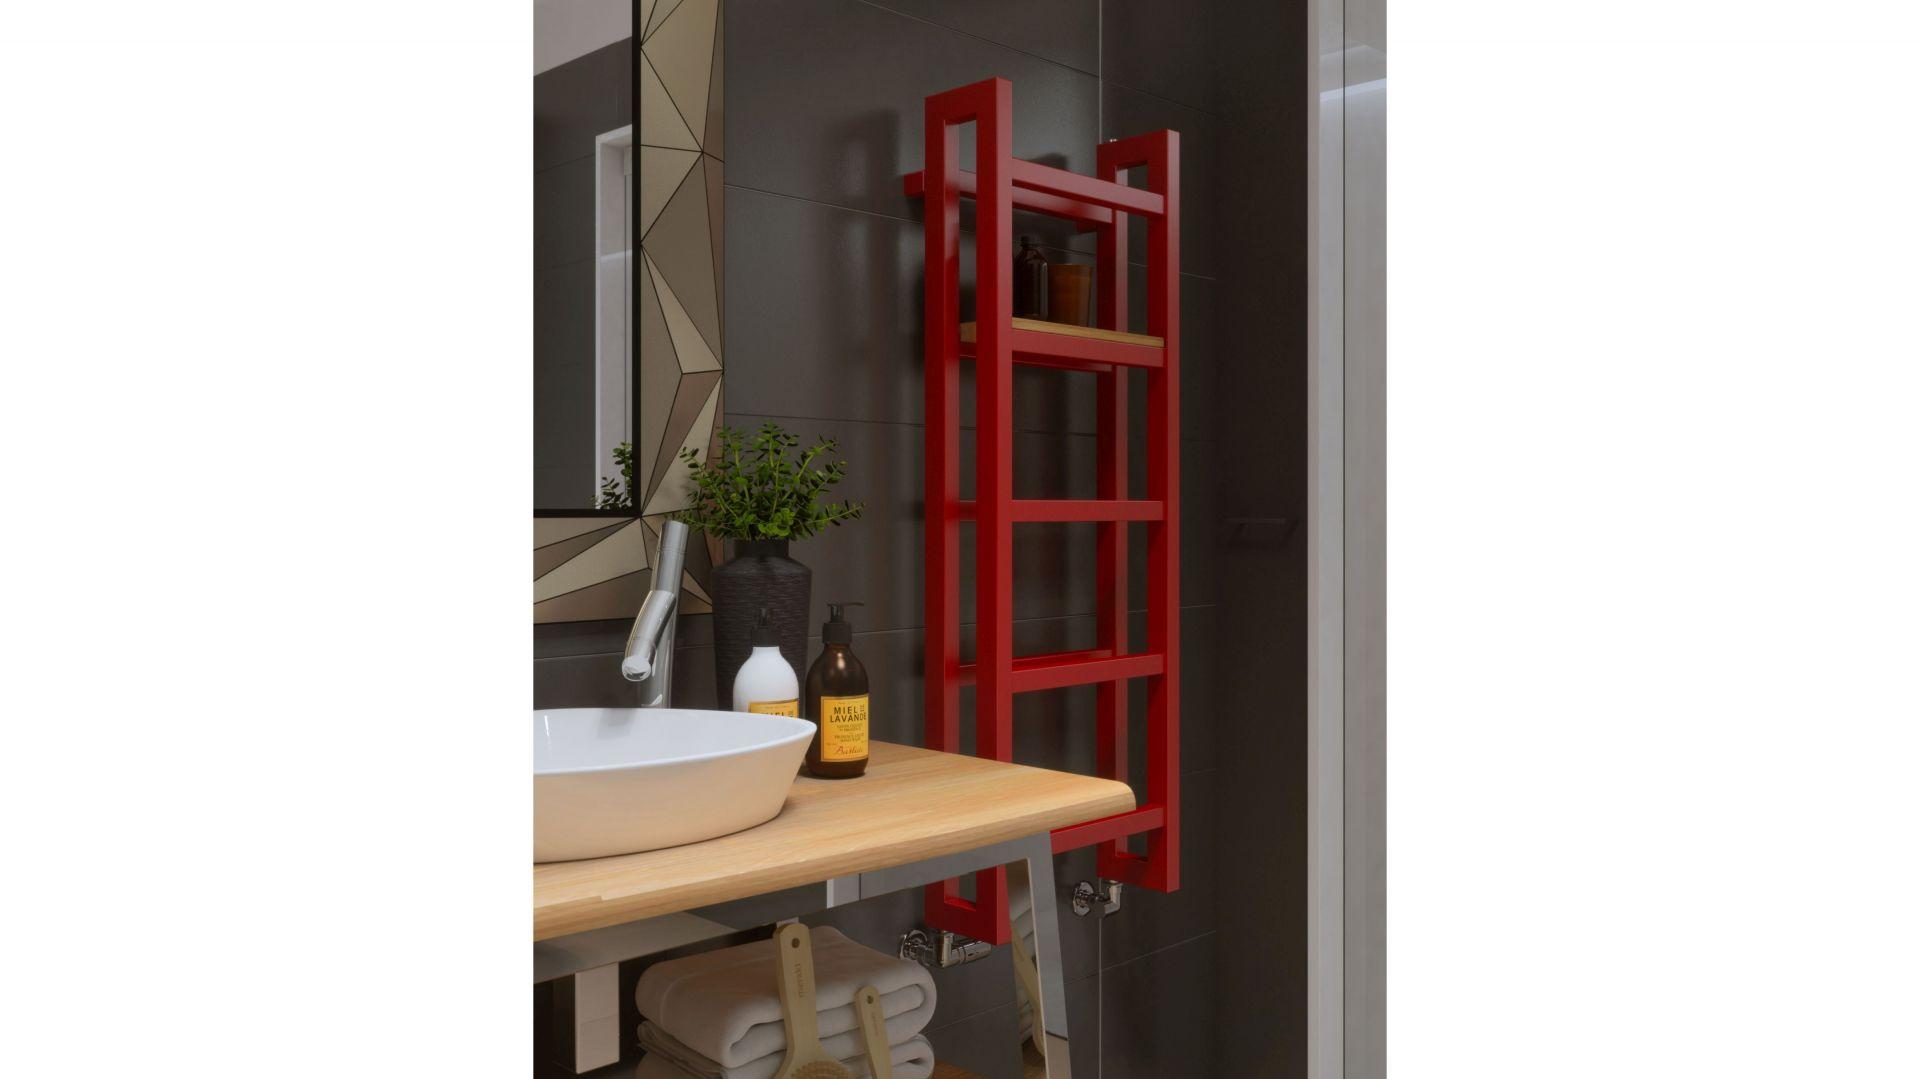 Stand to grzejnik-regał zainspirowany geometrycznymi meblami opartymi na stalowych profilach. Do wyboru mamy blisko 250 kolorów RAL i wykończeń specjalnych Terma, a także półki wykonane z trzech rodzajów drewna: buk, dąb lub teak. Fot. Terma